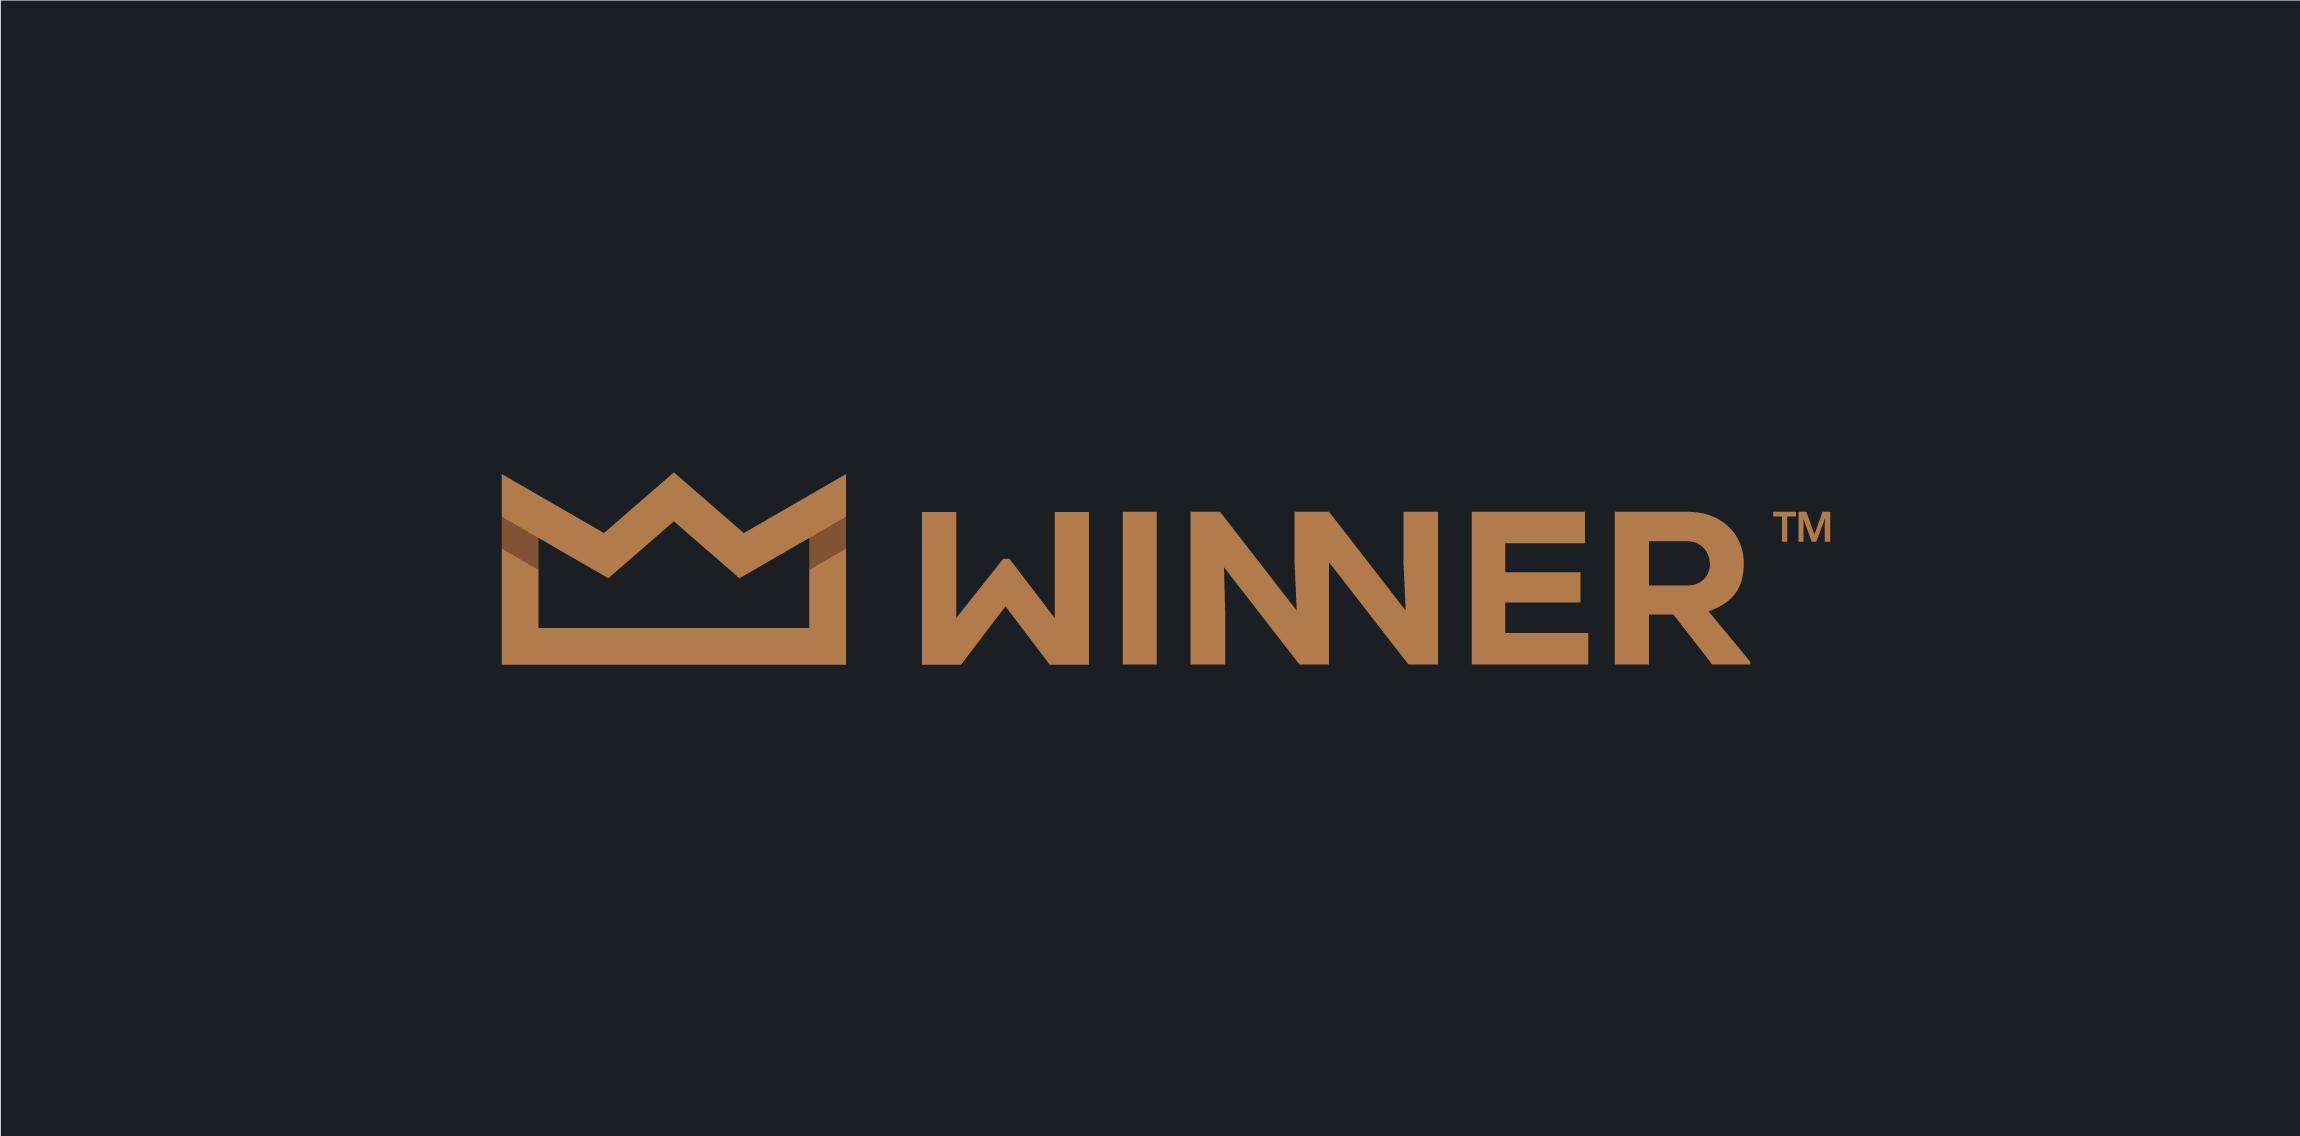 Winner™